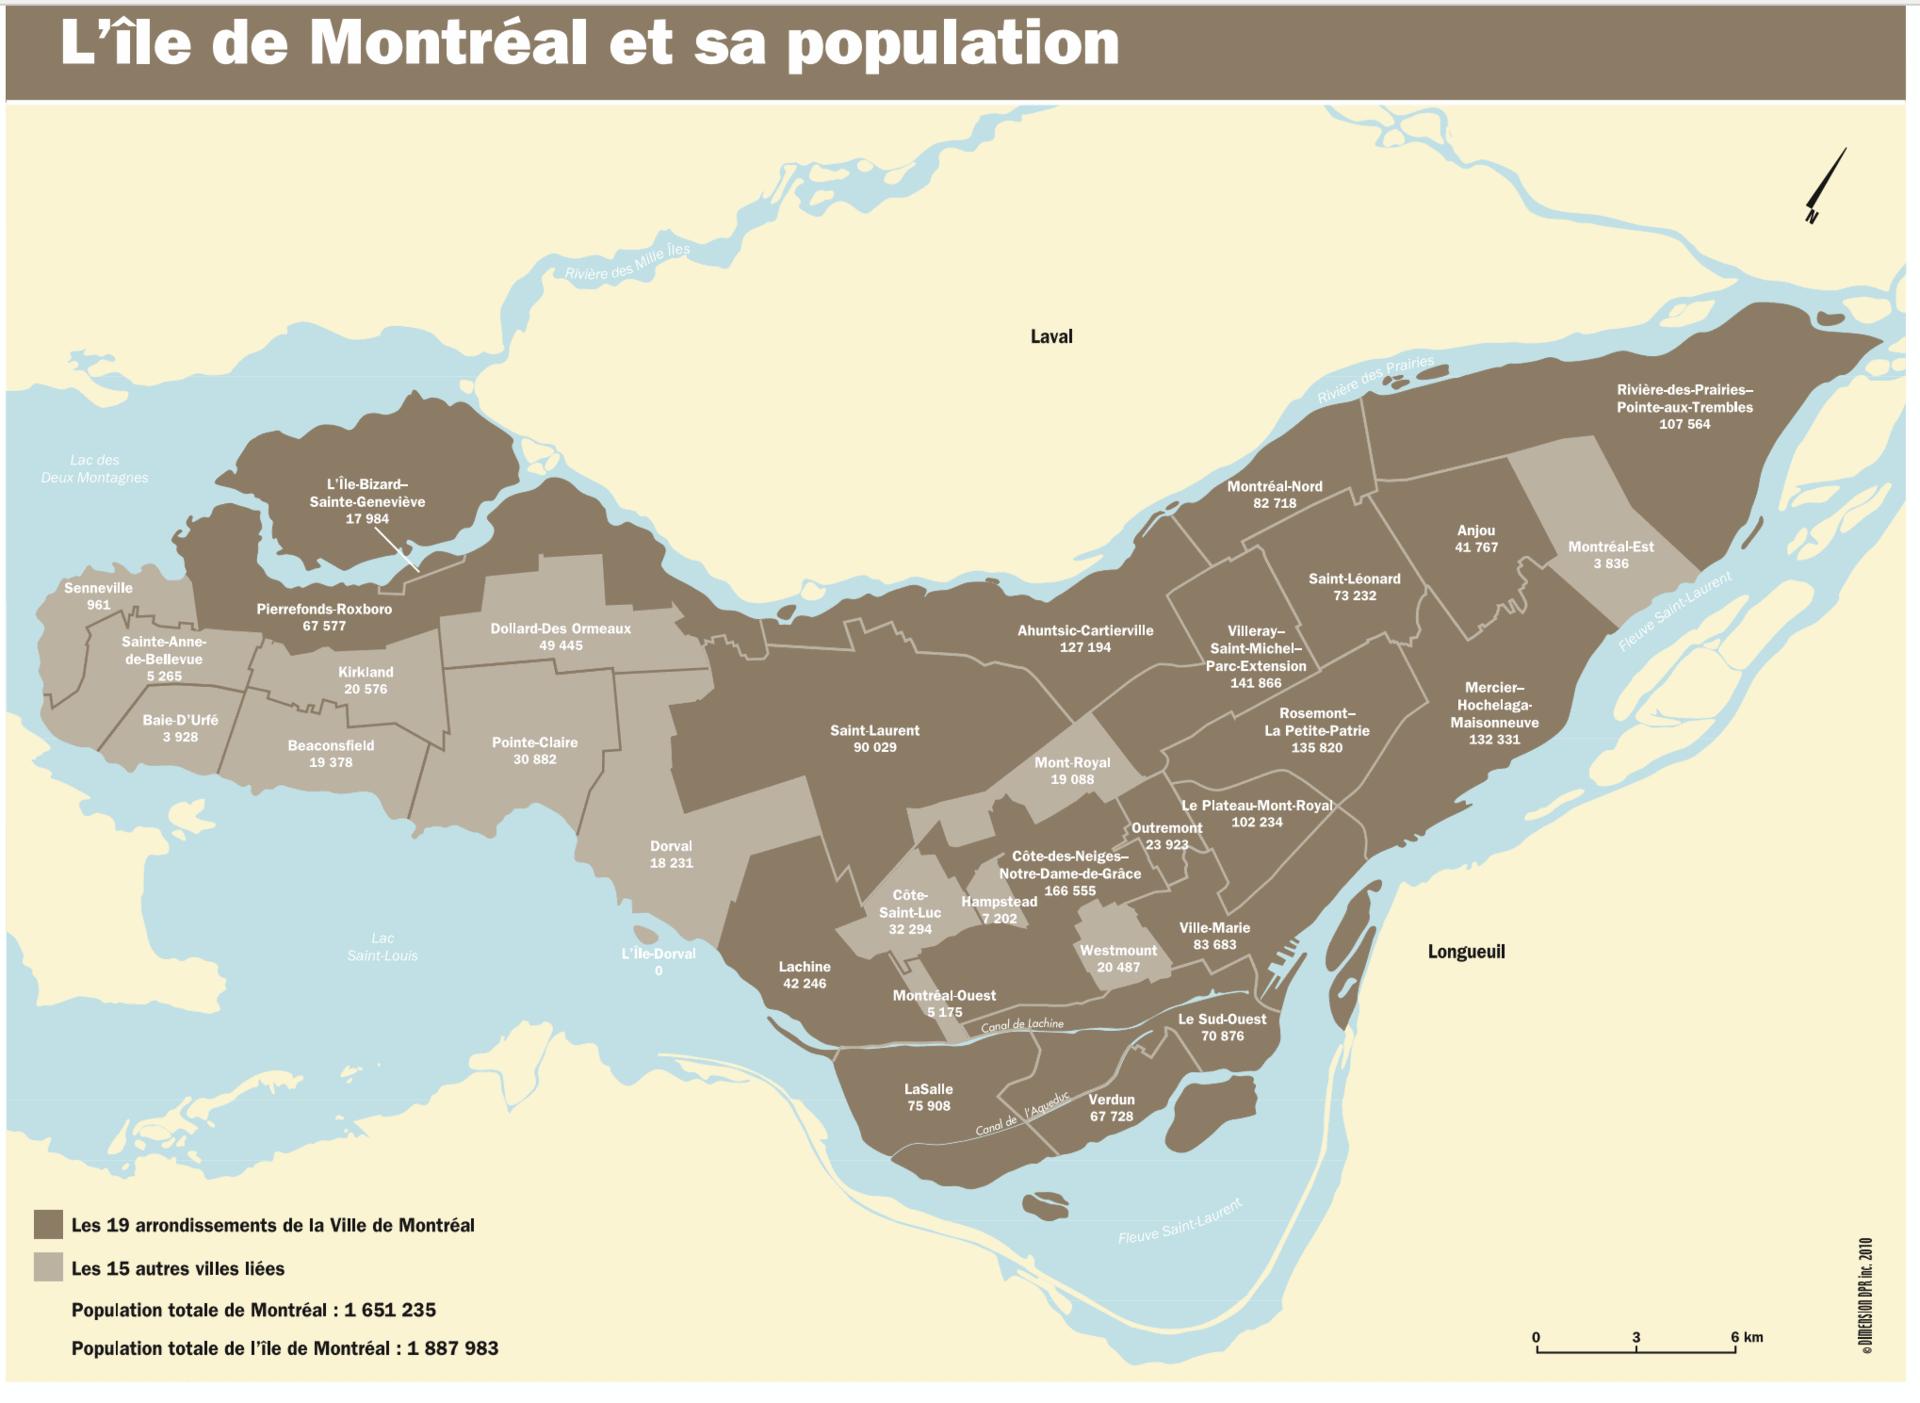 Arrondissements et villes liées